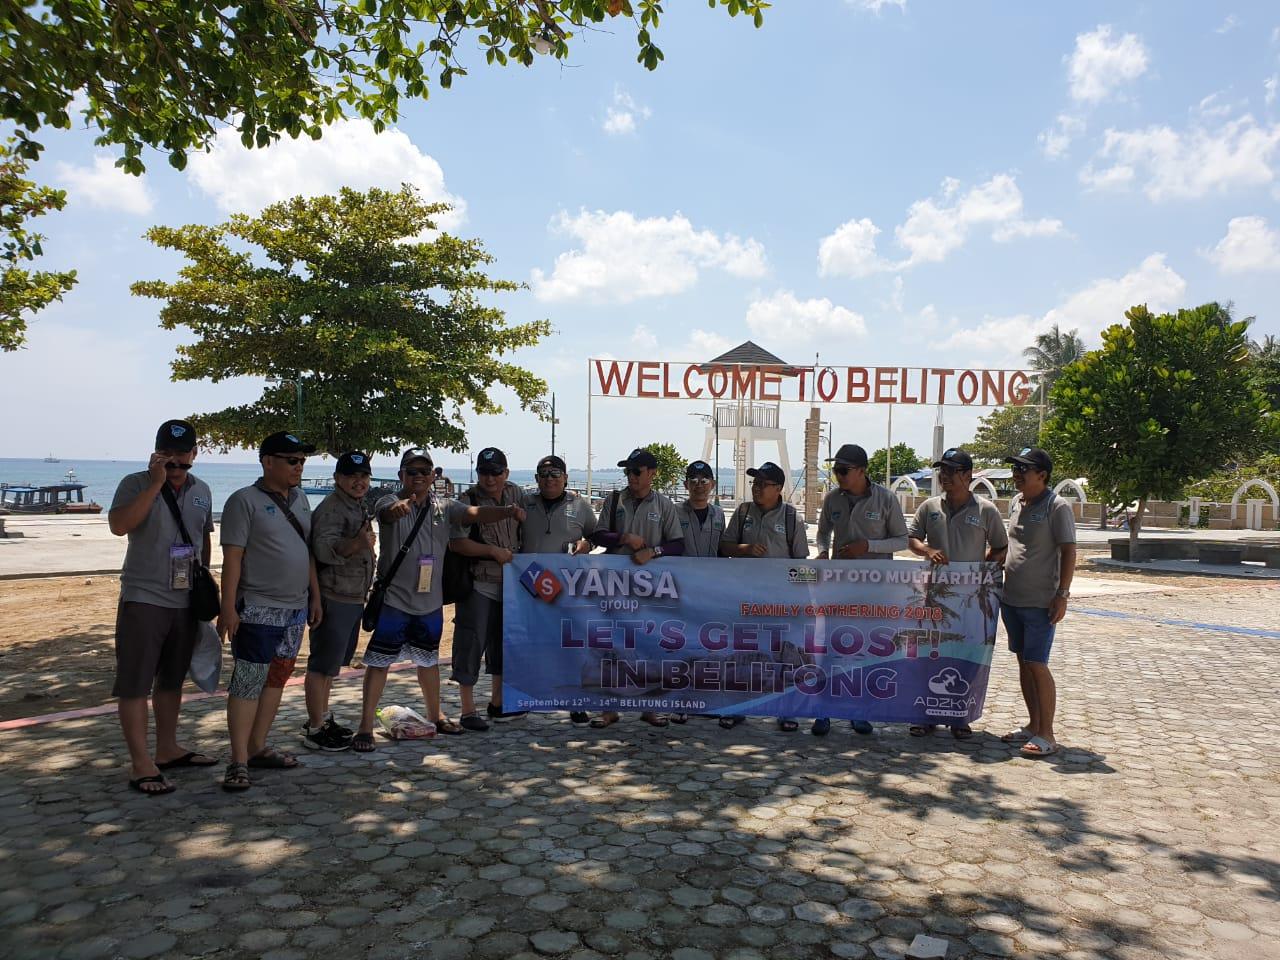 BELITUNG TOUR WITH YANSA GROUP OTO MULTIARTHA 12 - 14 SEPT 2018